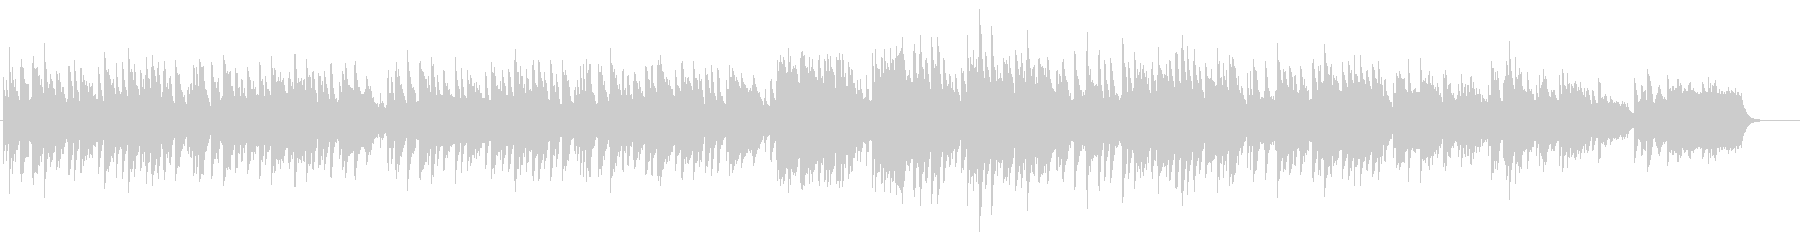 ブライダル風ピアノバラードBGMの未再生の波形